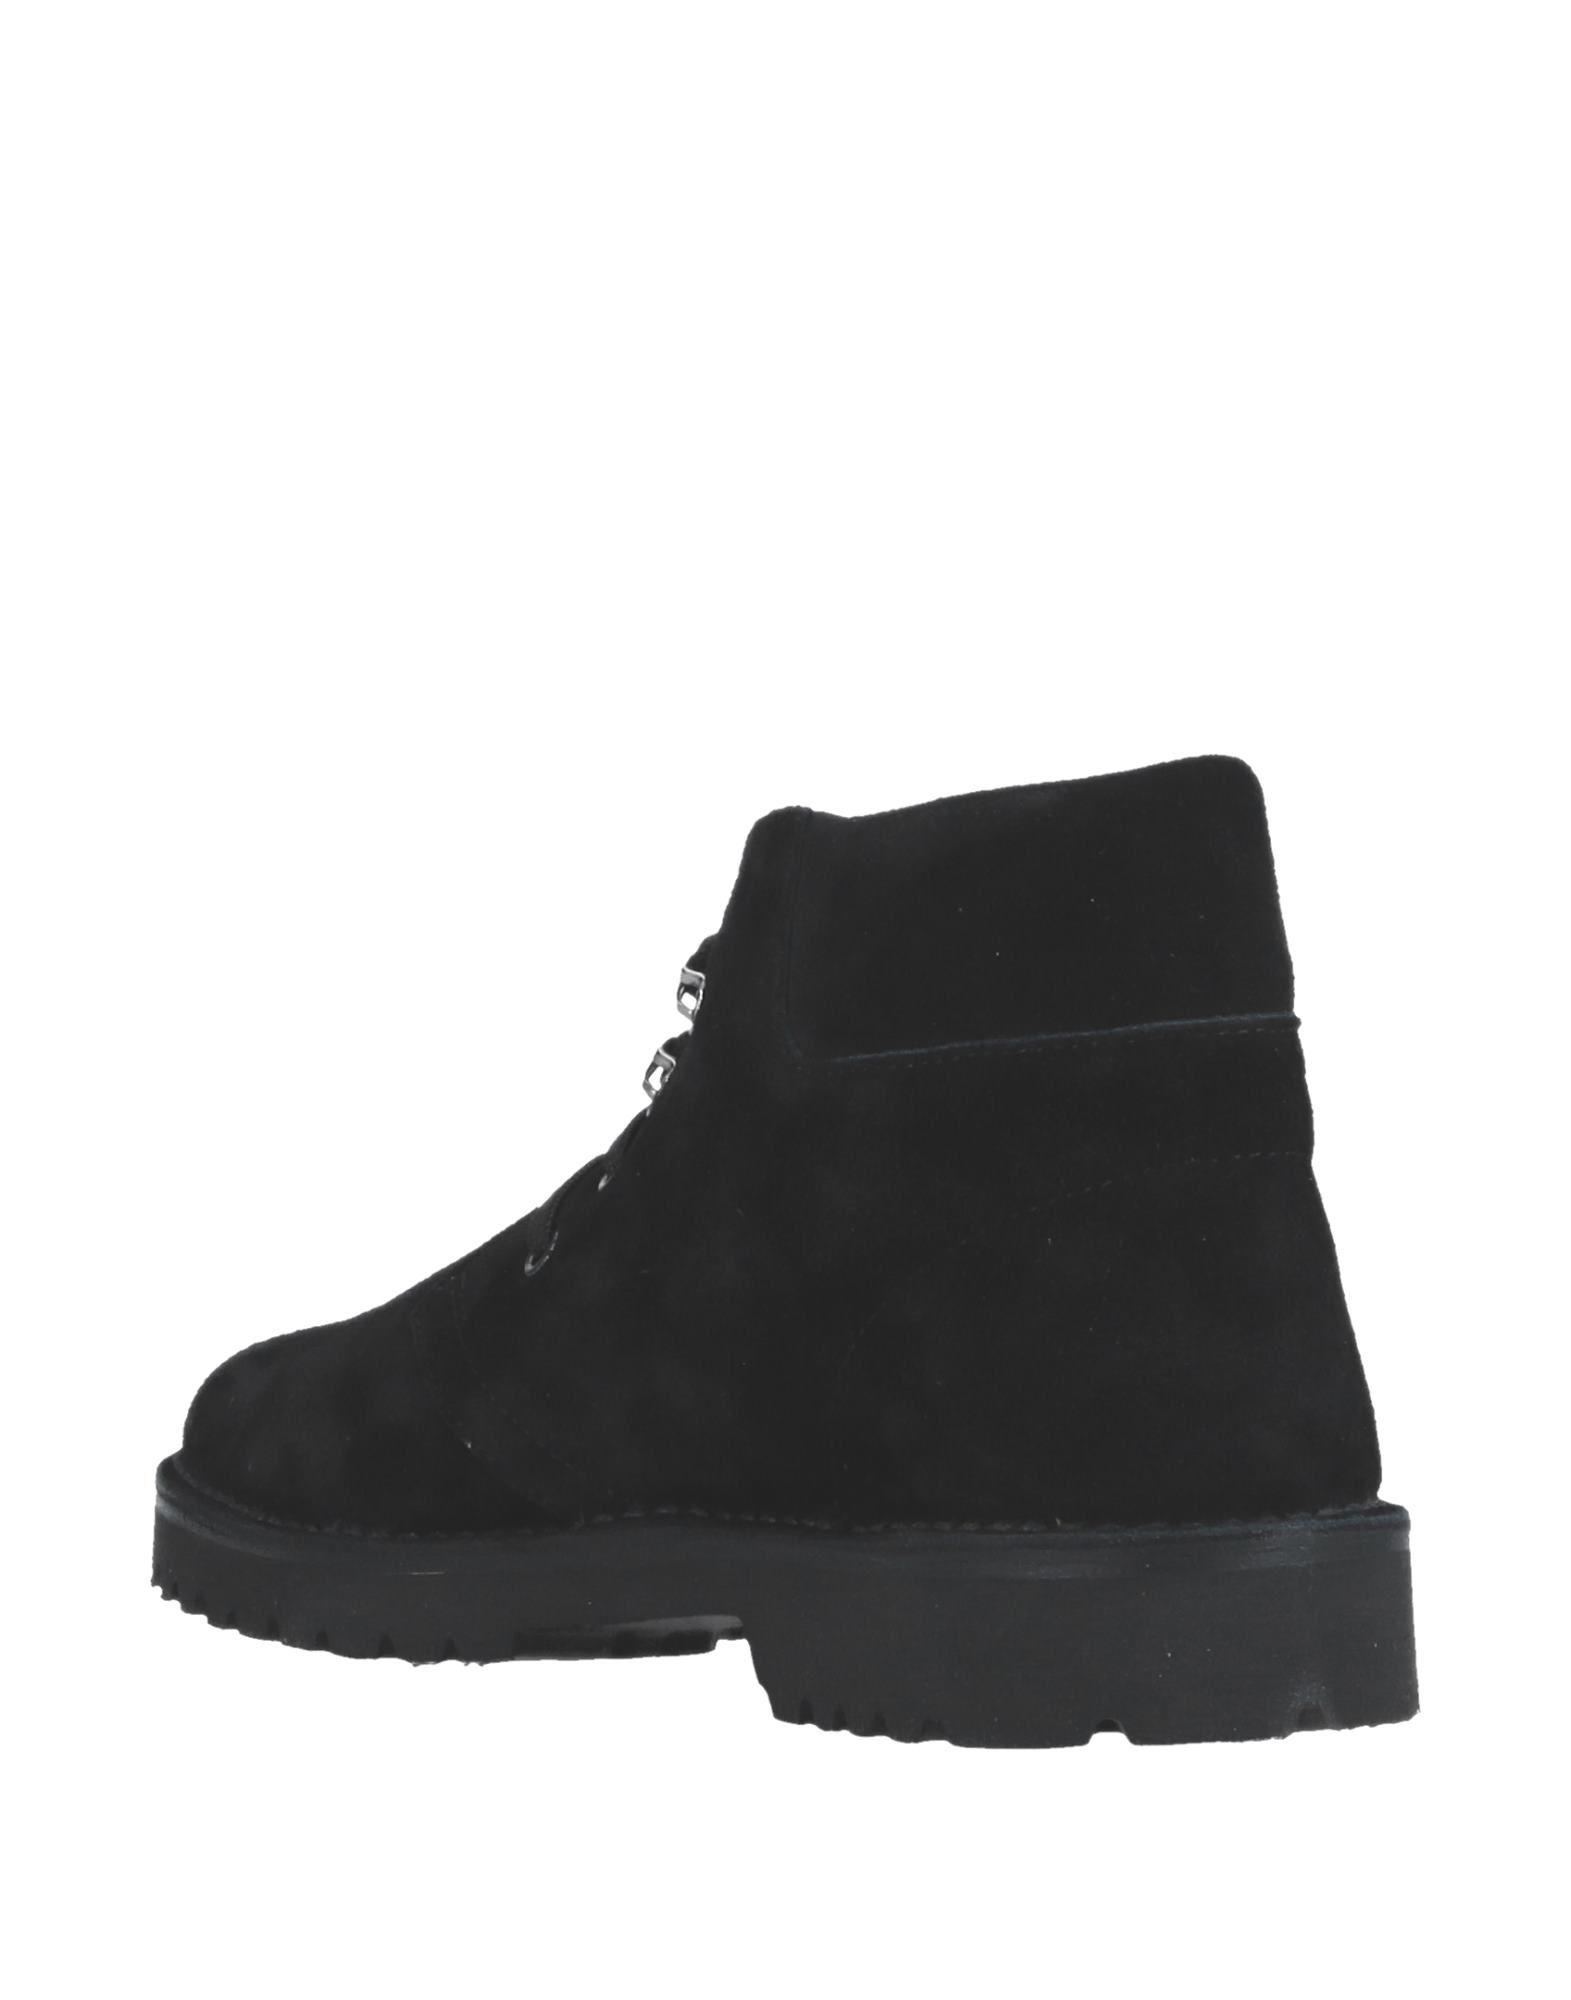 Paolo Simonini Stiefelette Herren  11510717QX Gute Qualität beliebte Schuhe